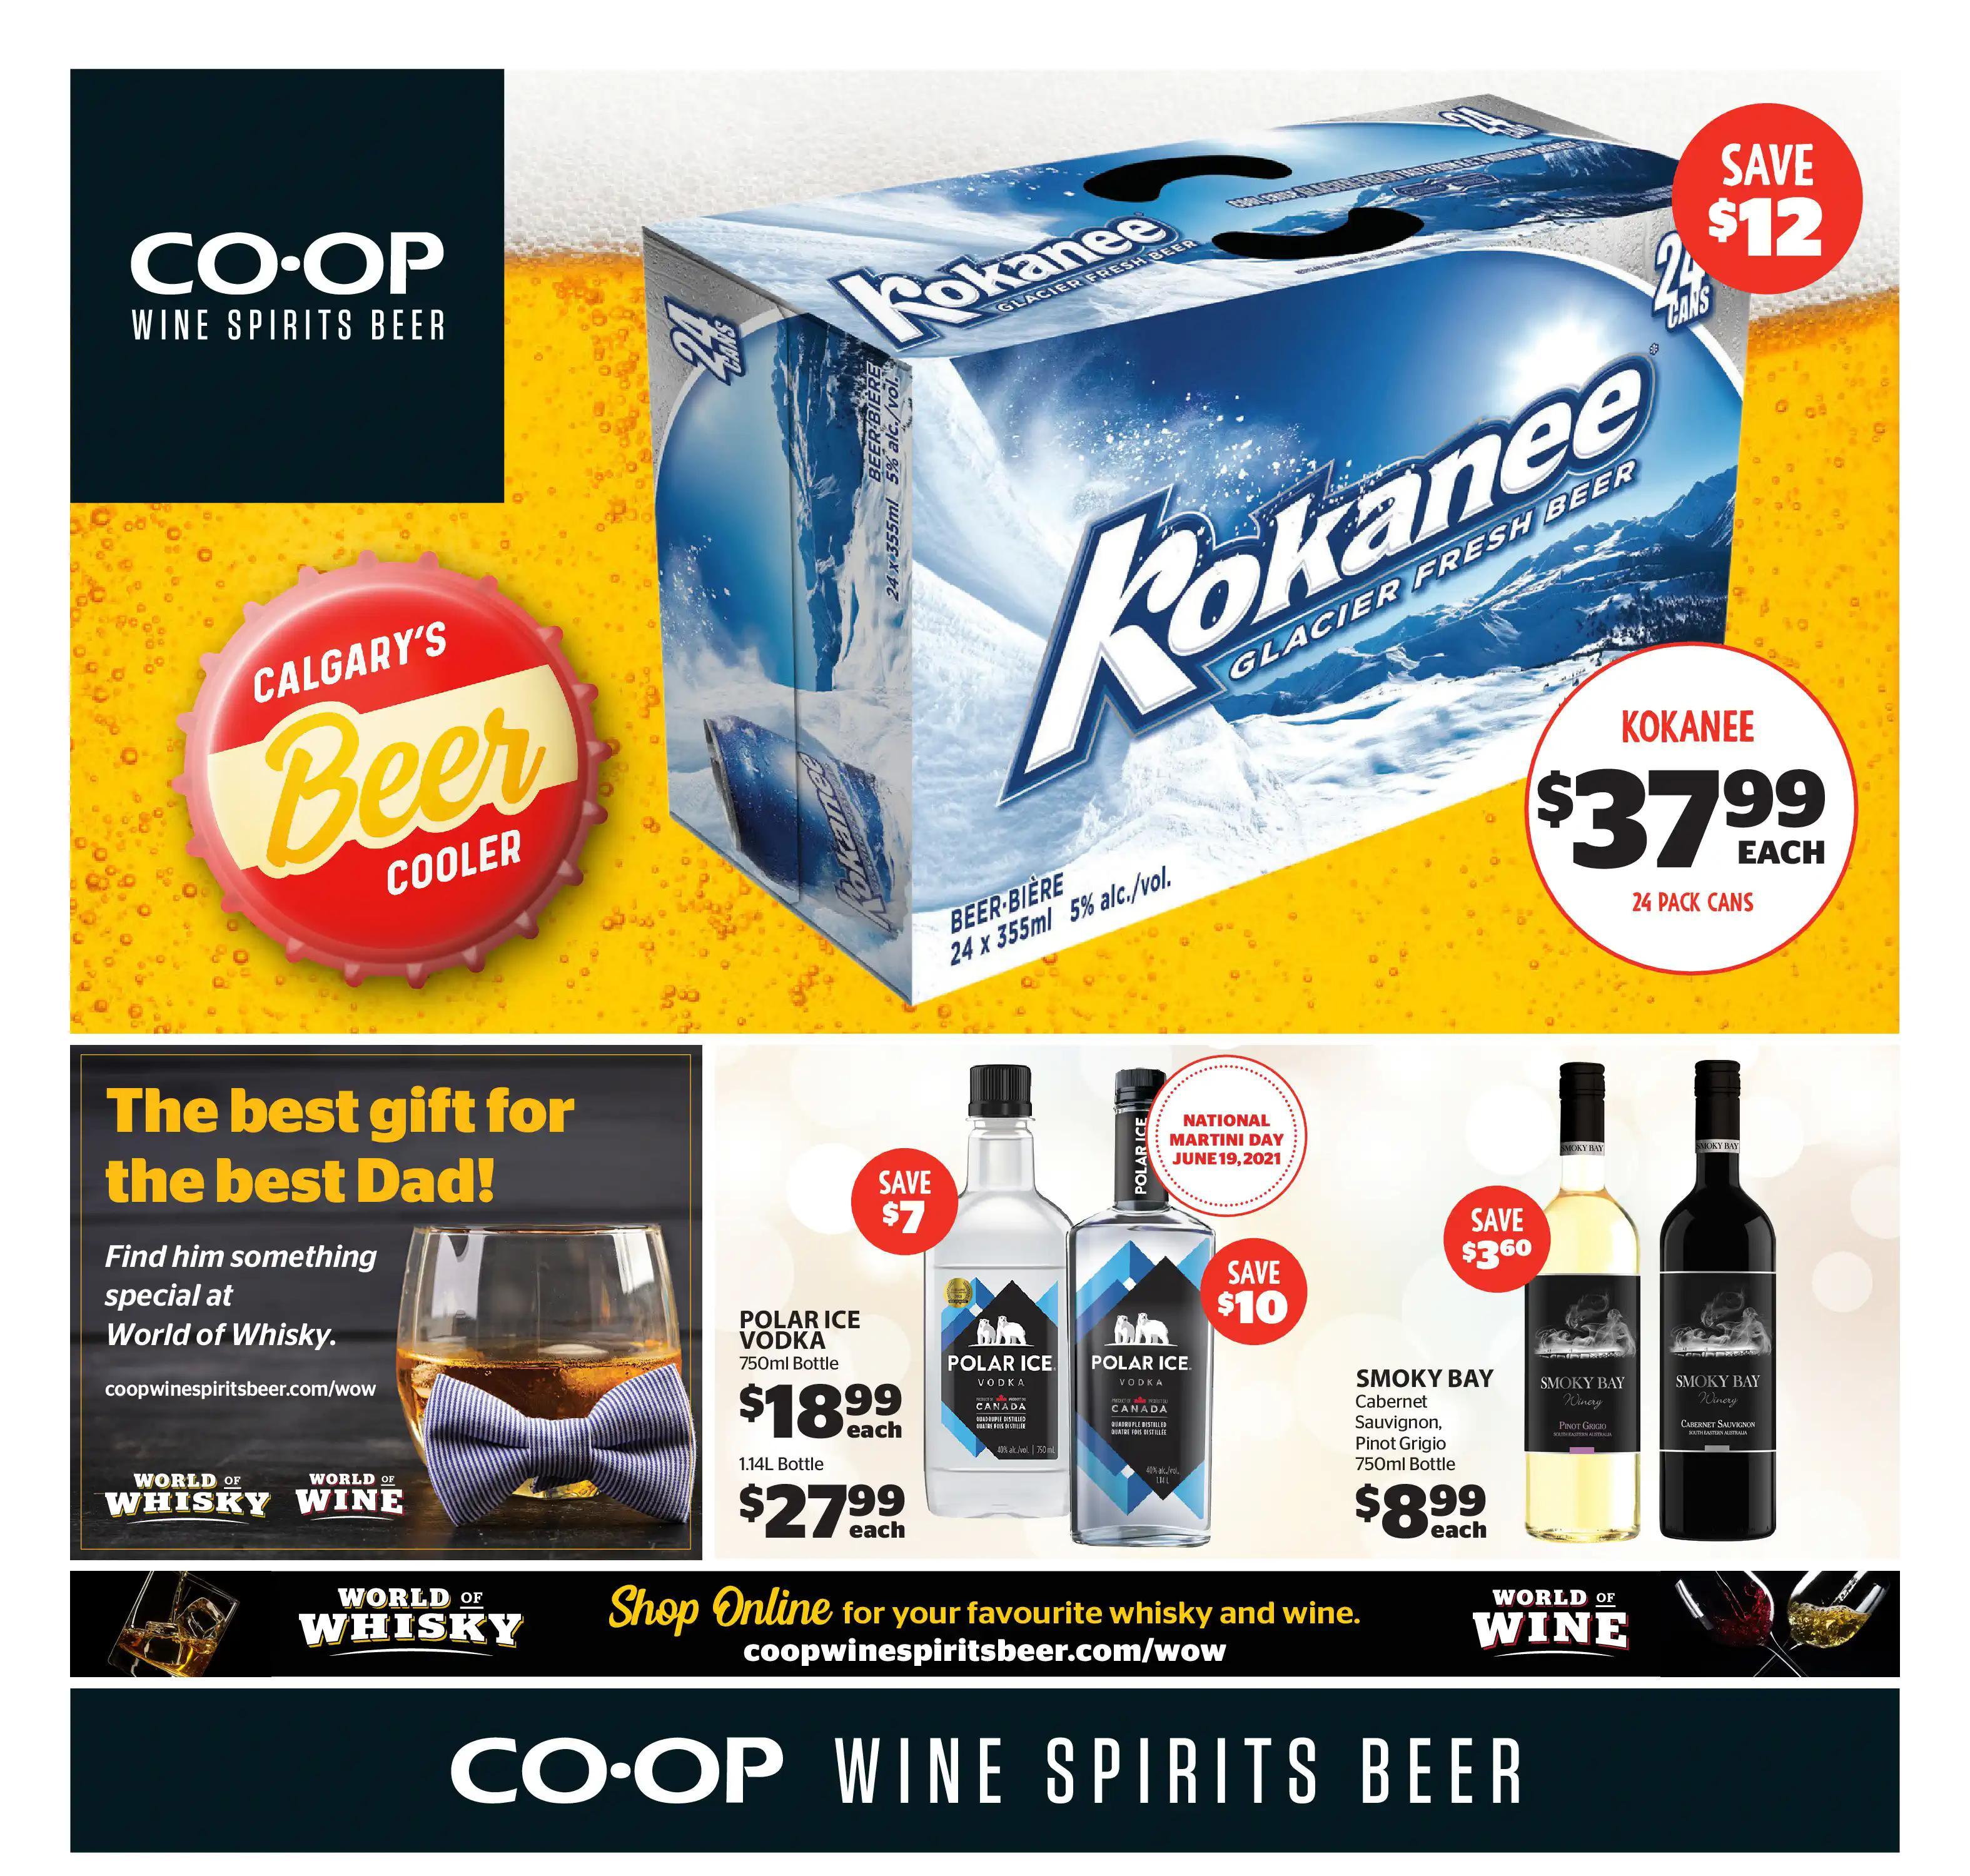 Calgary Co-op - Wine Spirits Beer